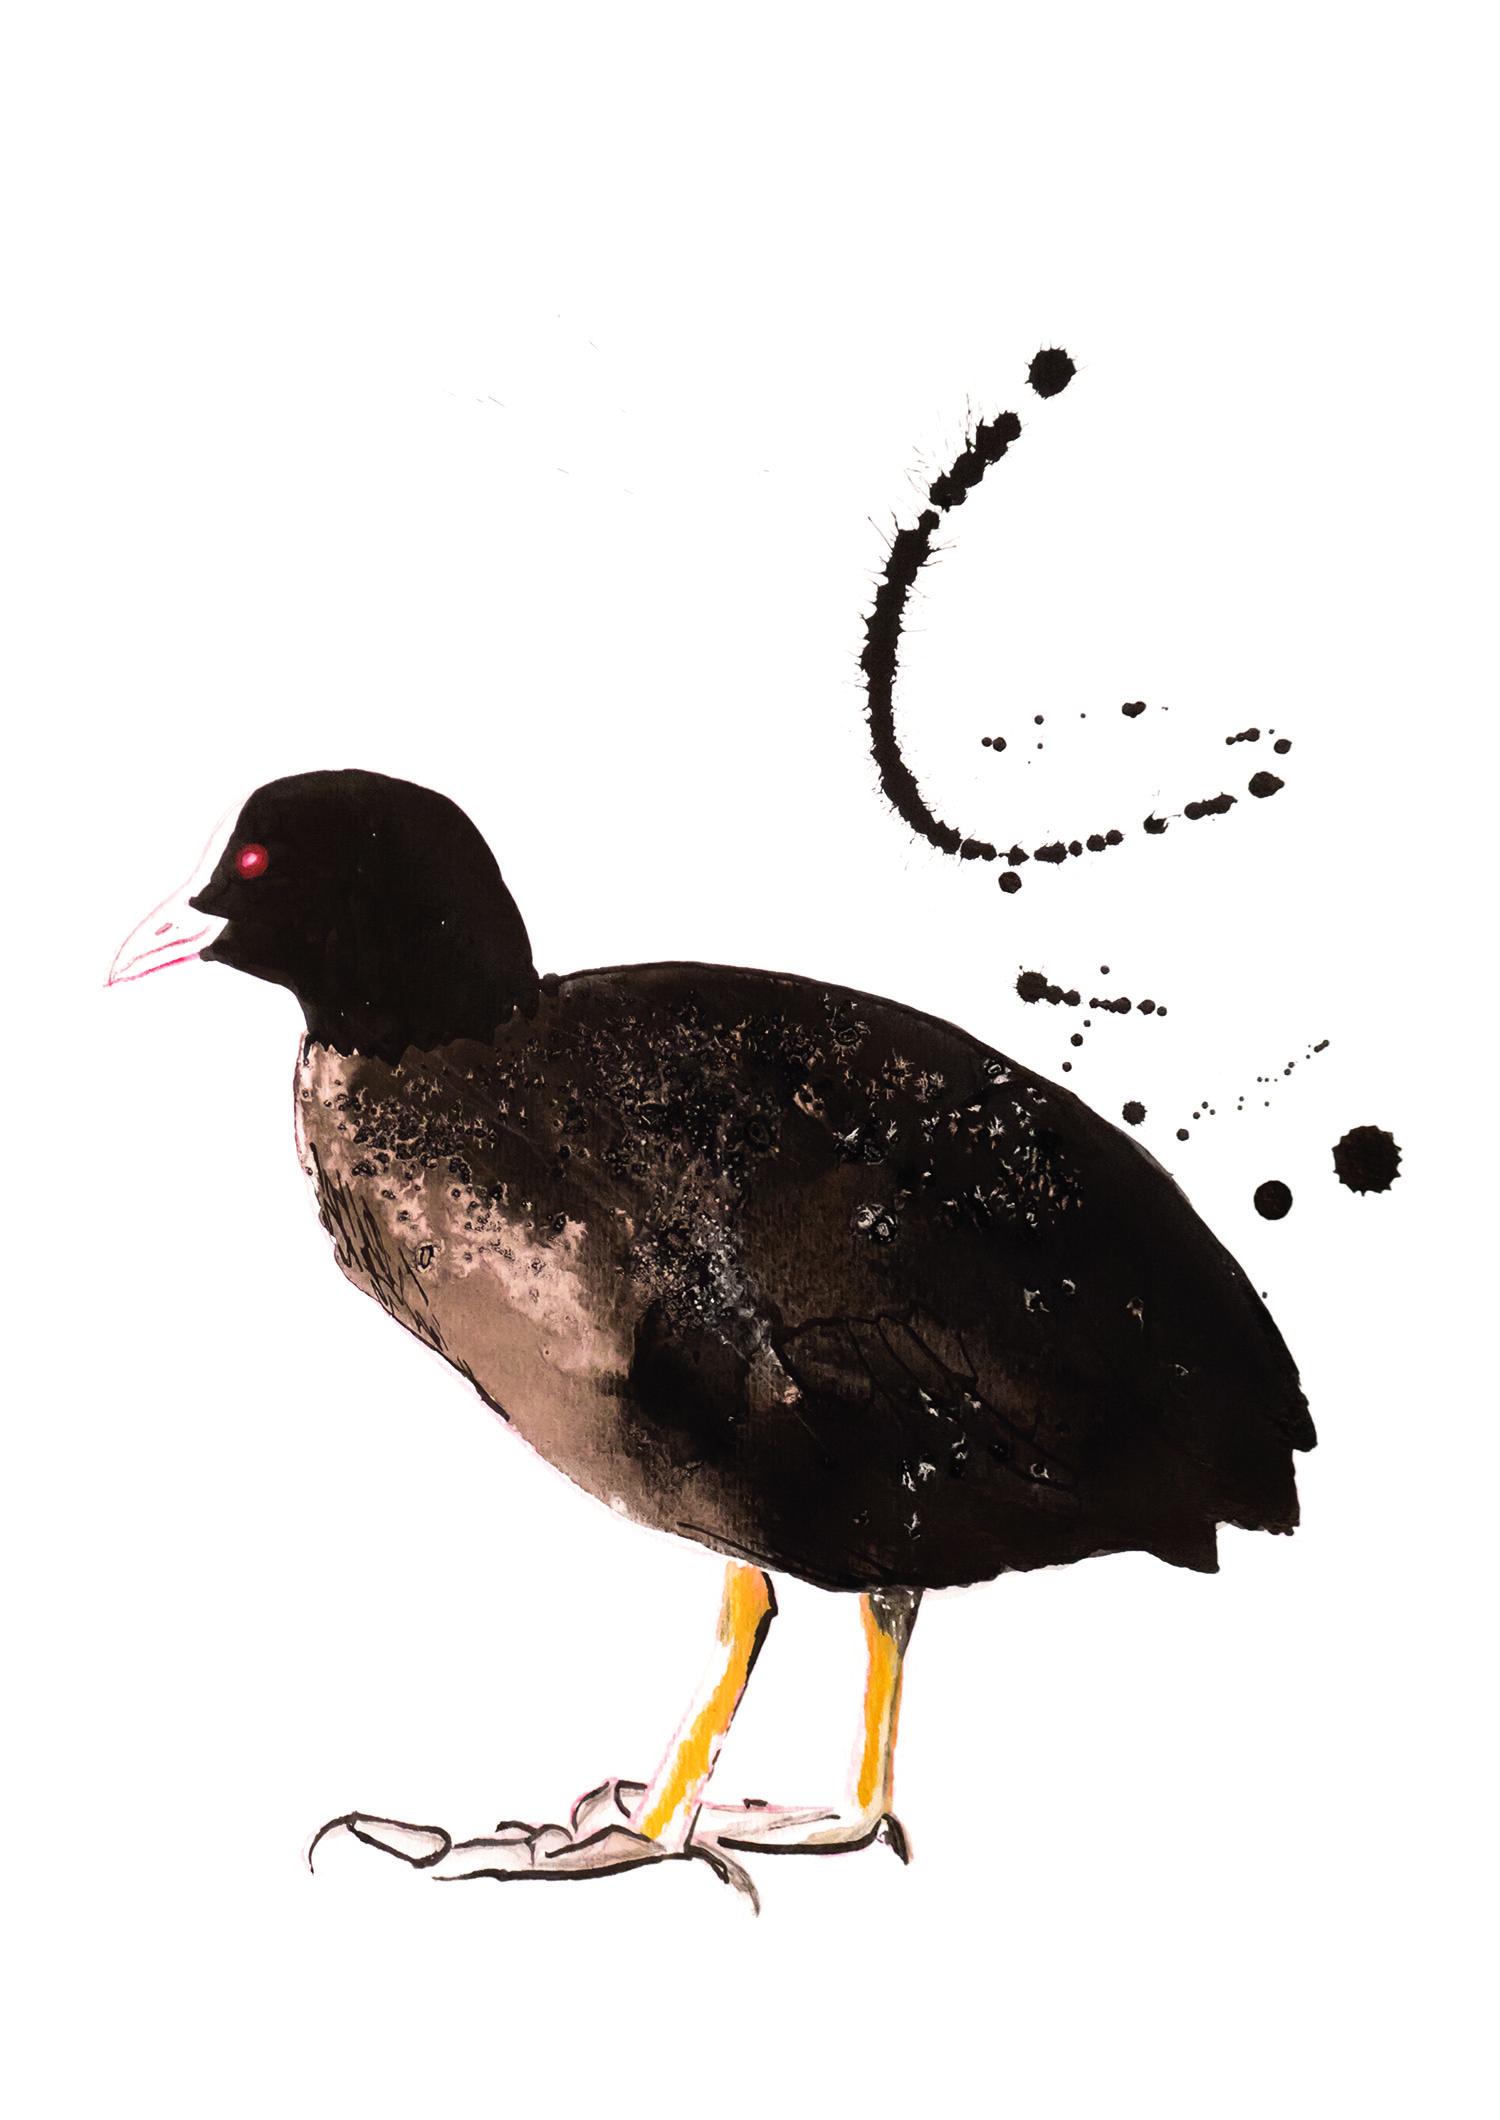 Coot Black Bird, Natuurlijk Angelart, Angela Peters. Illustratie ink aquarel